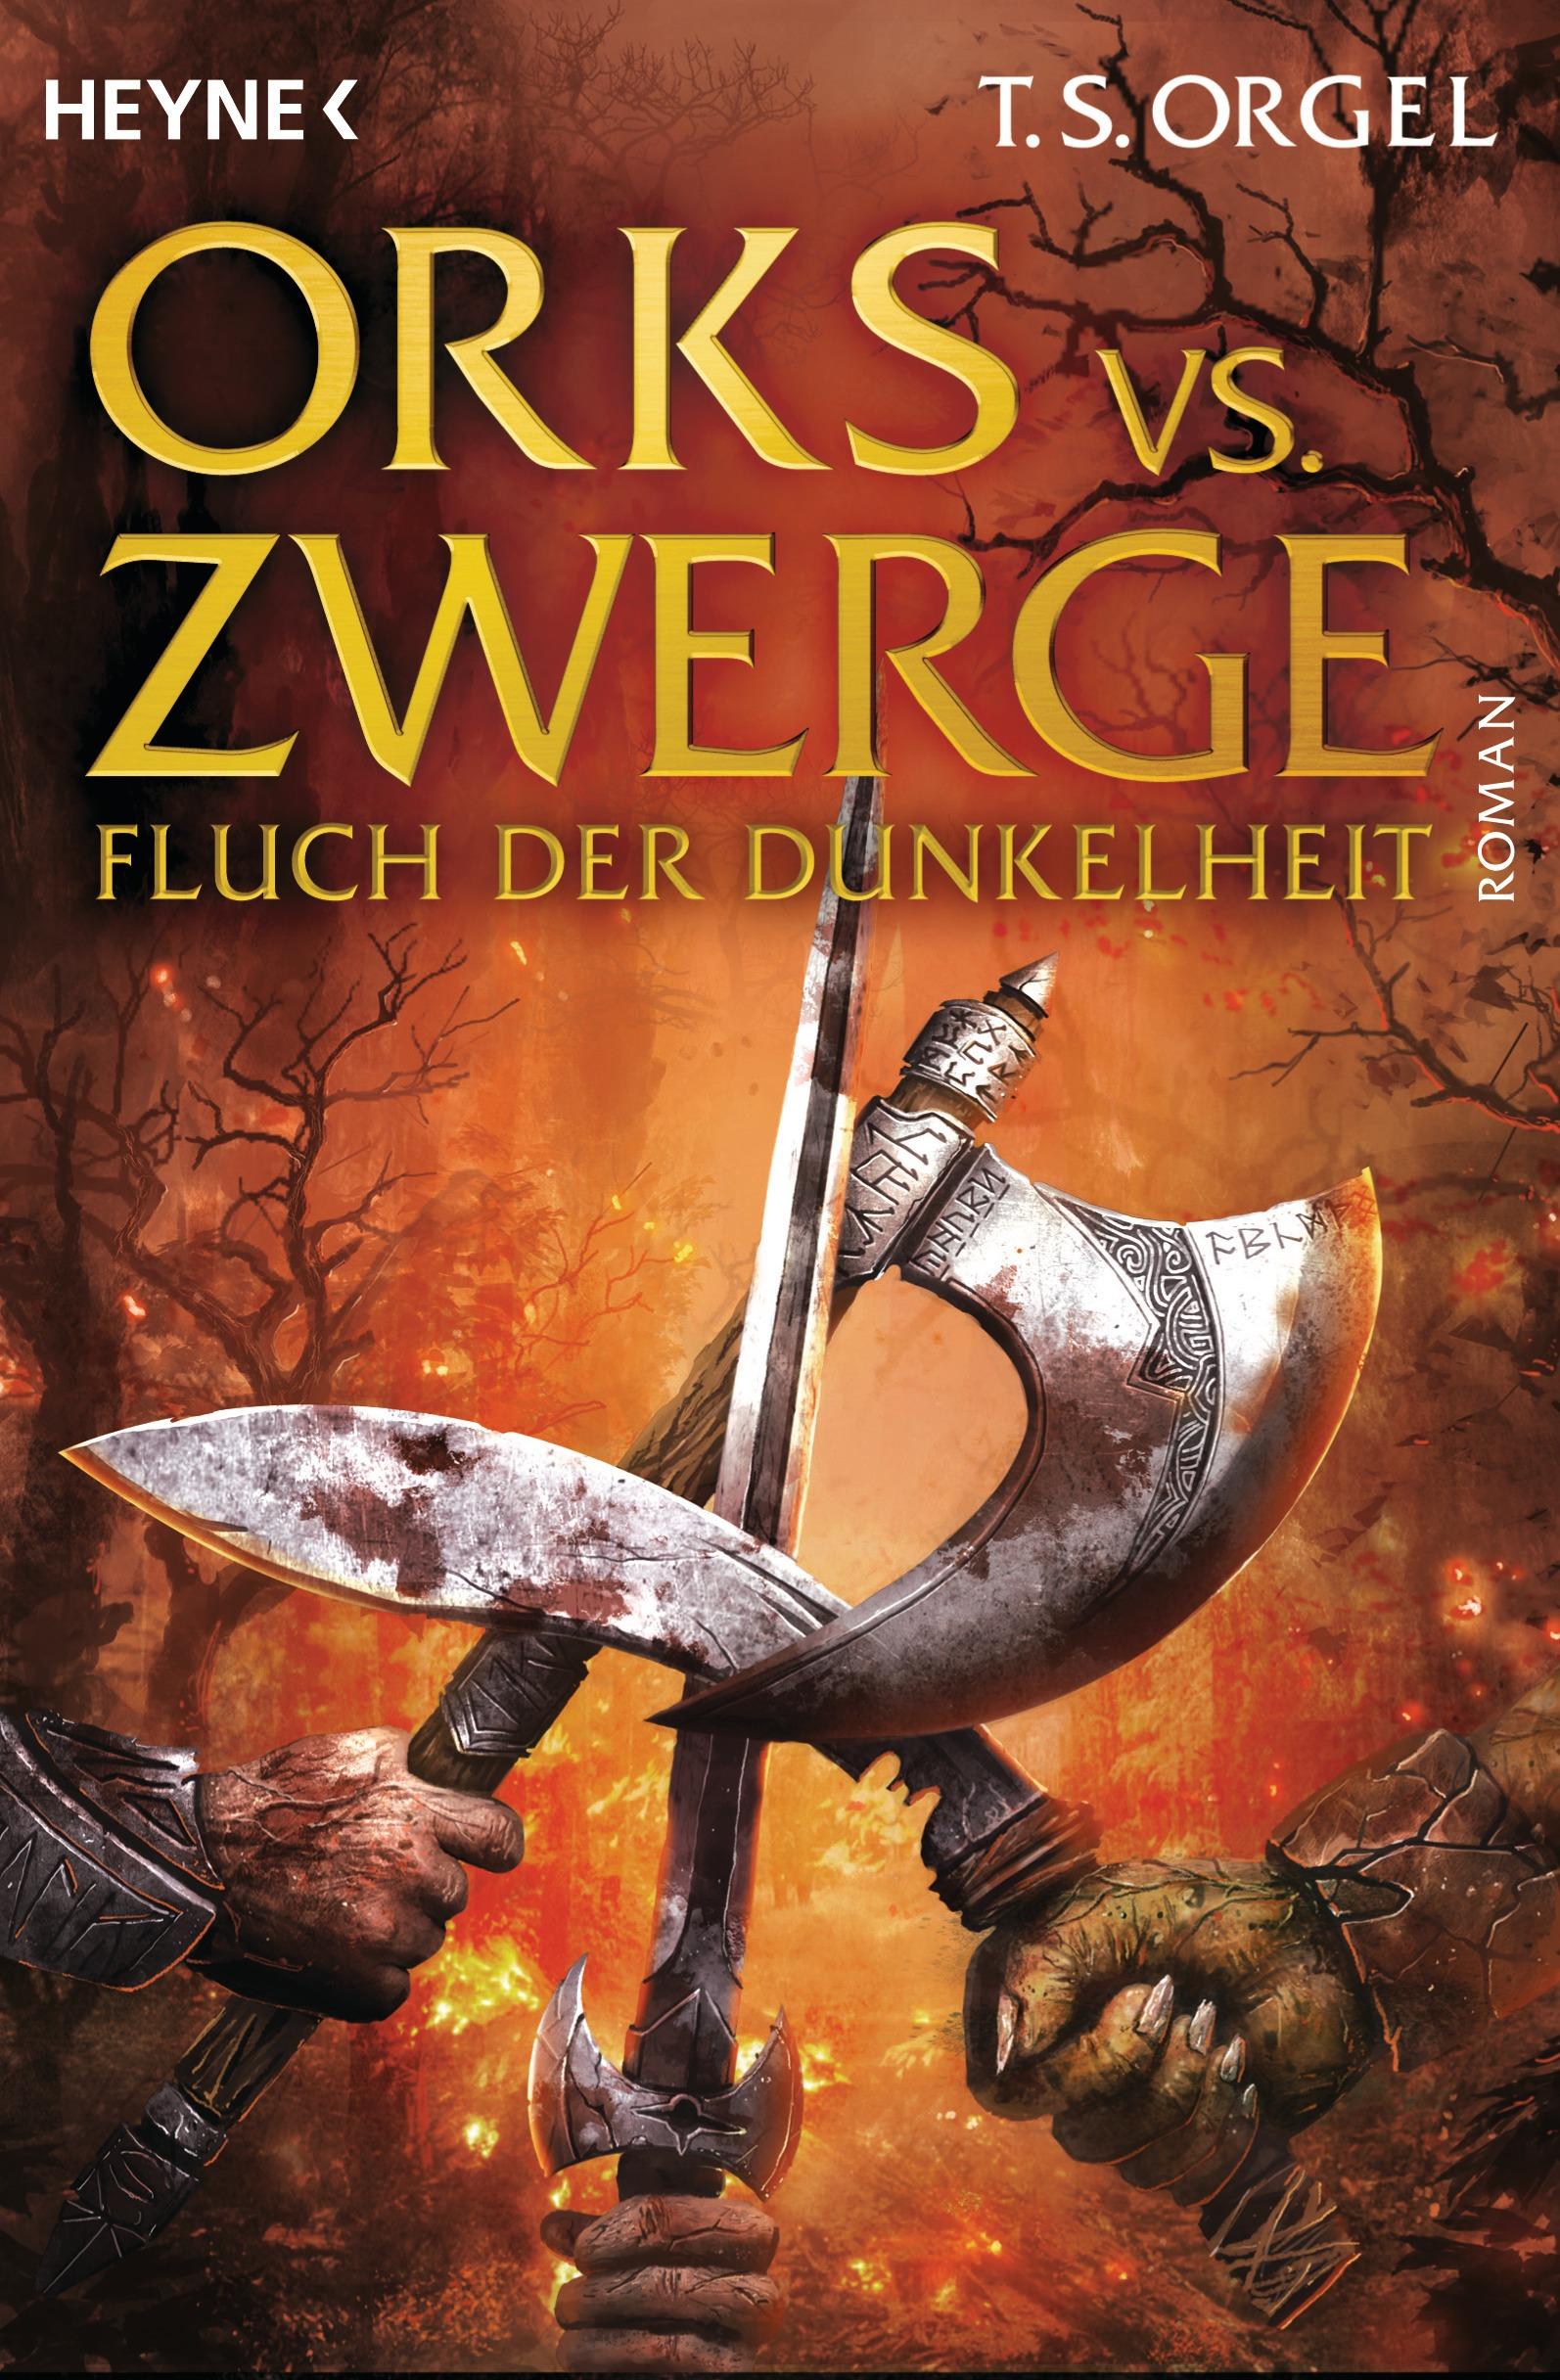 Orks vs. Zwerge: Band 2: Fluch der Dunkelheit - T. S. Orgel [Broschiert]